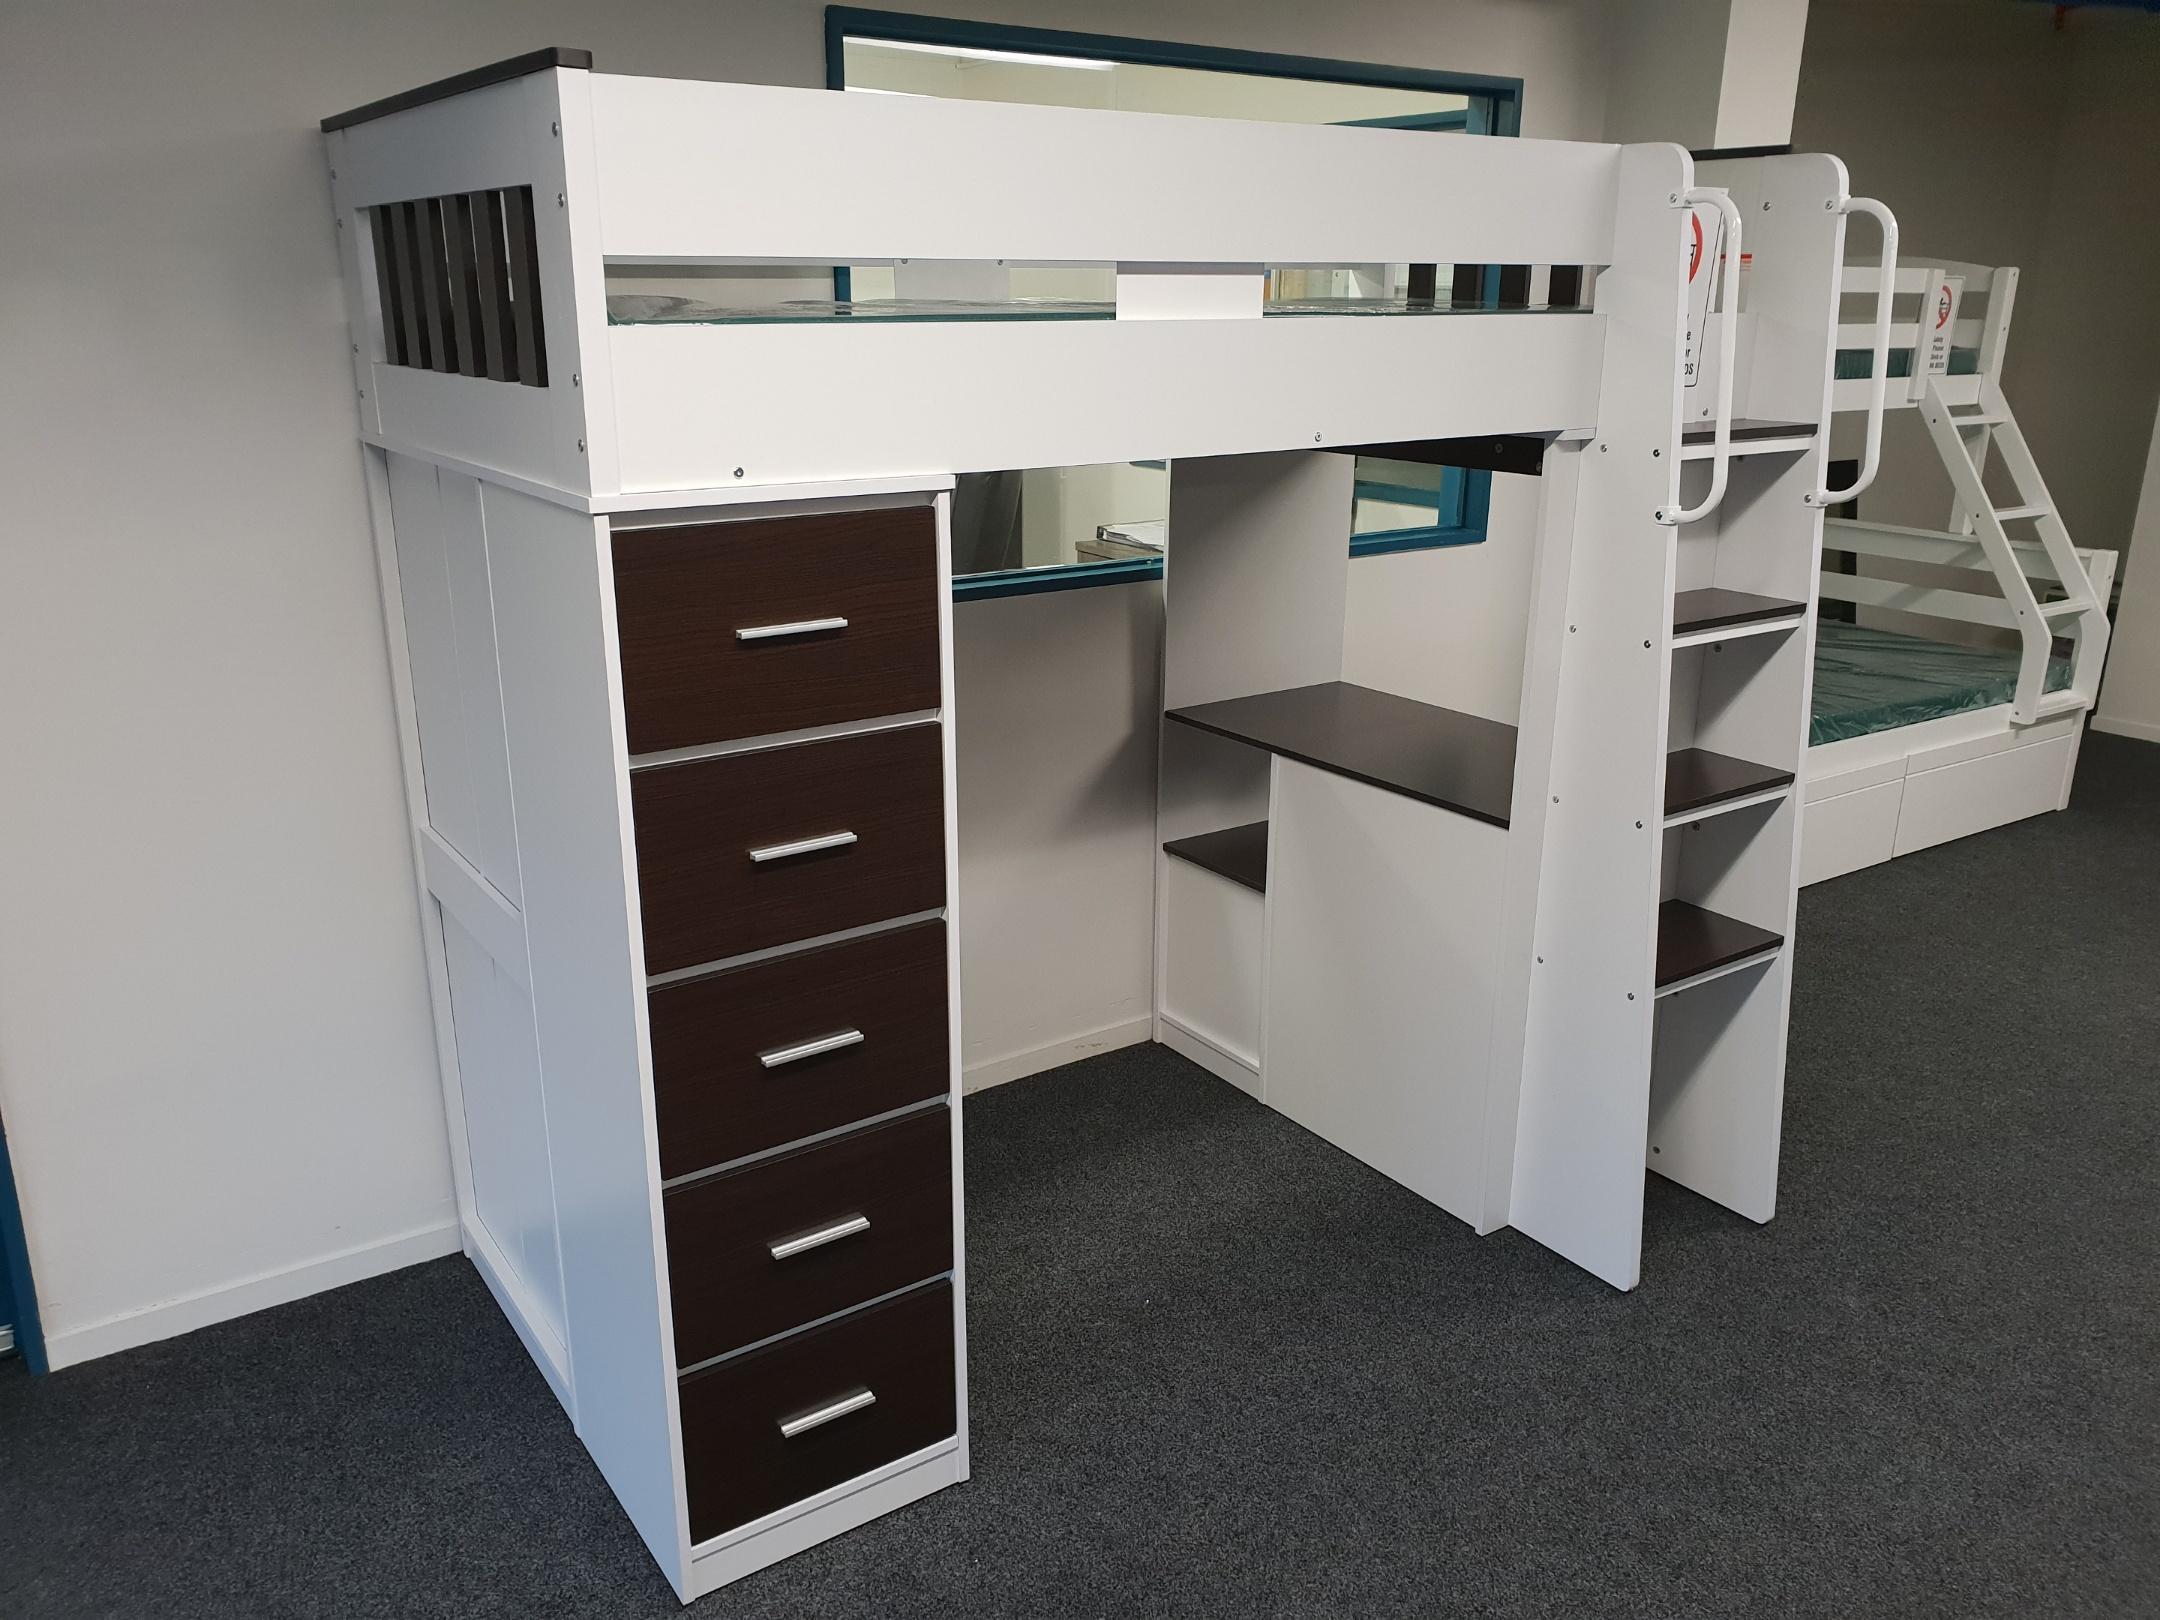 Dallas Loft Bunk With Desk Storage